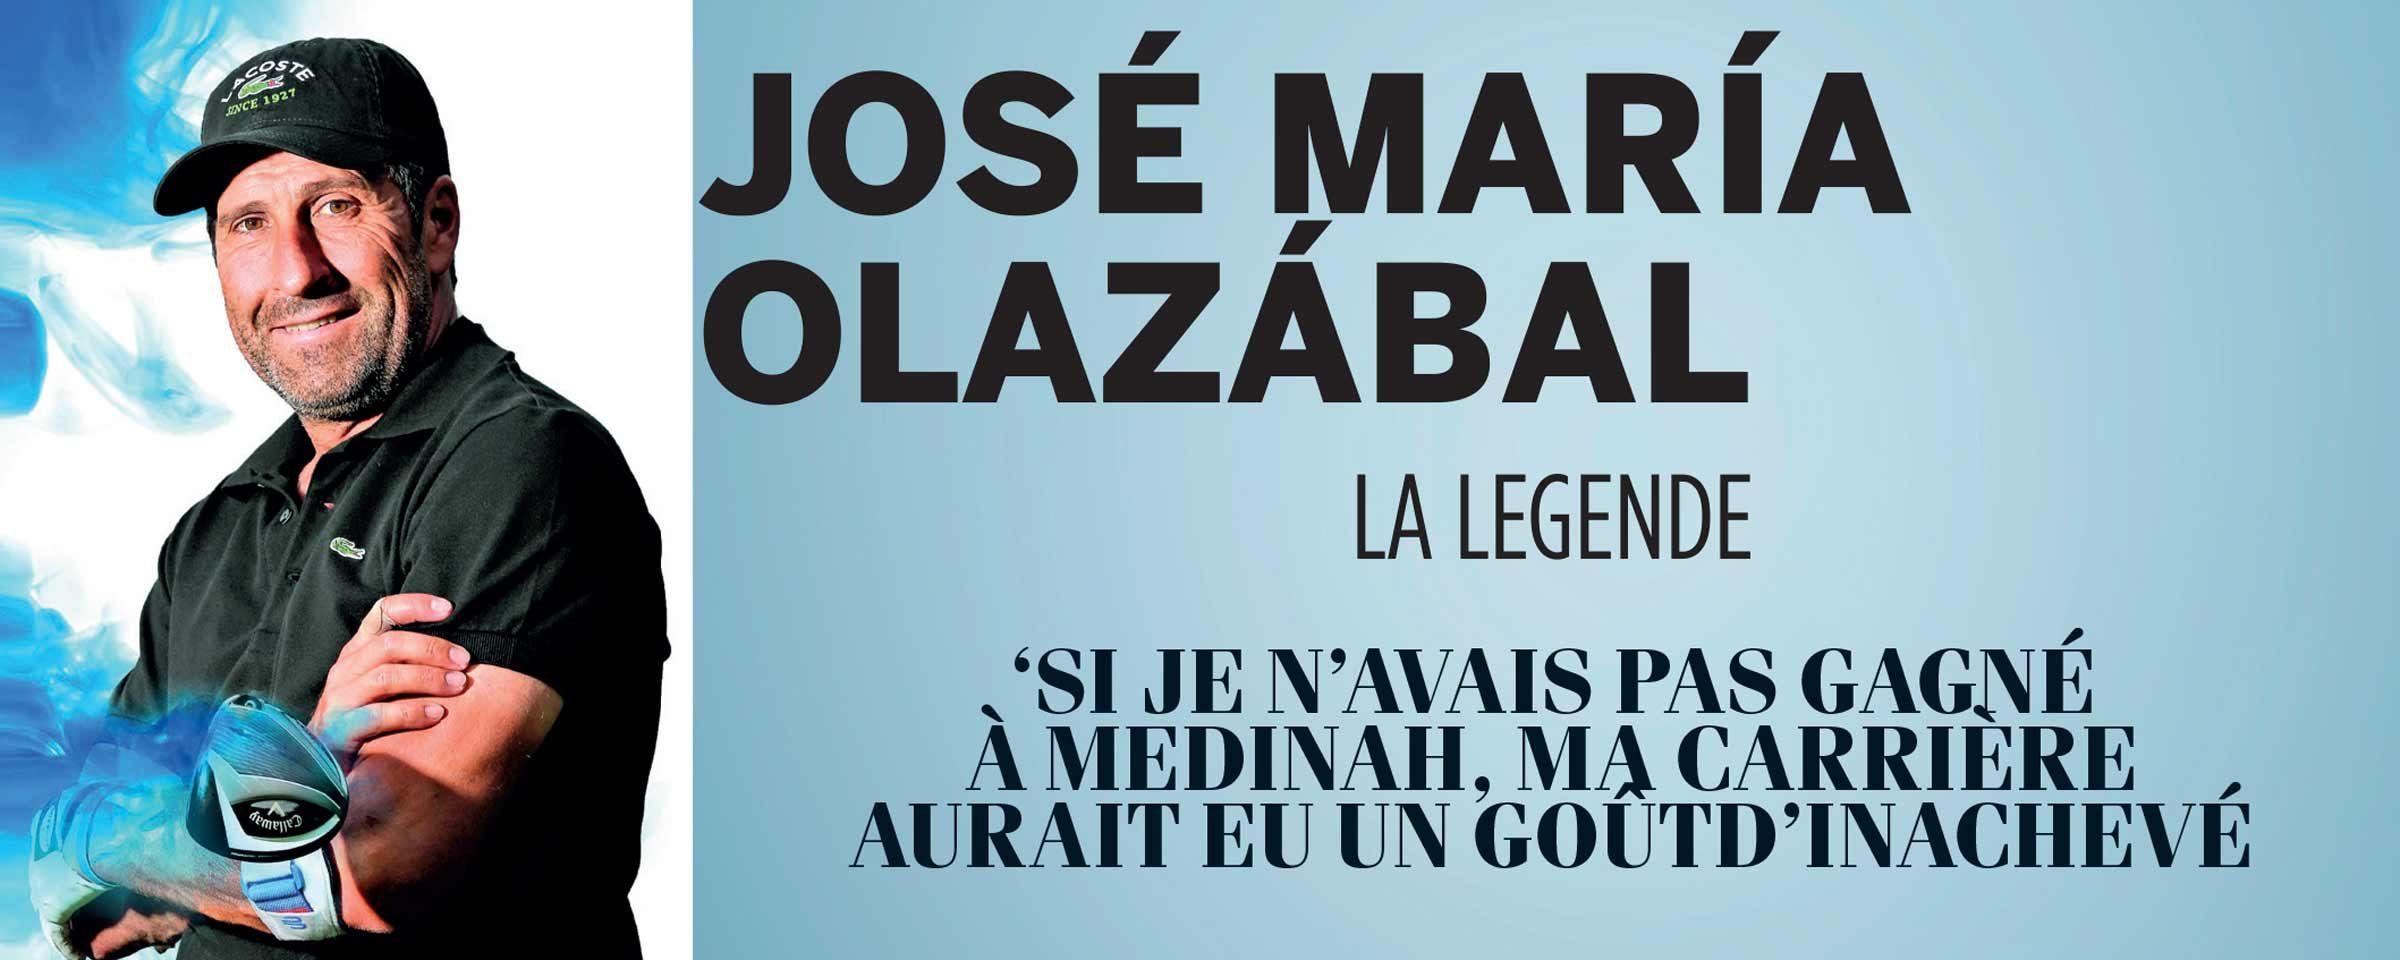 José María Olazábal